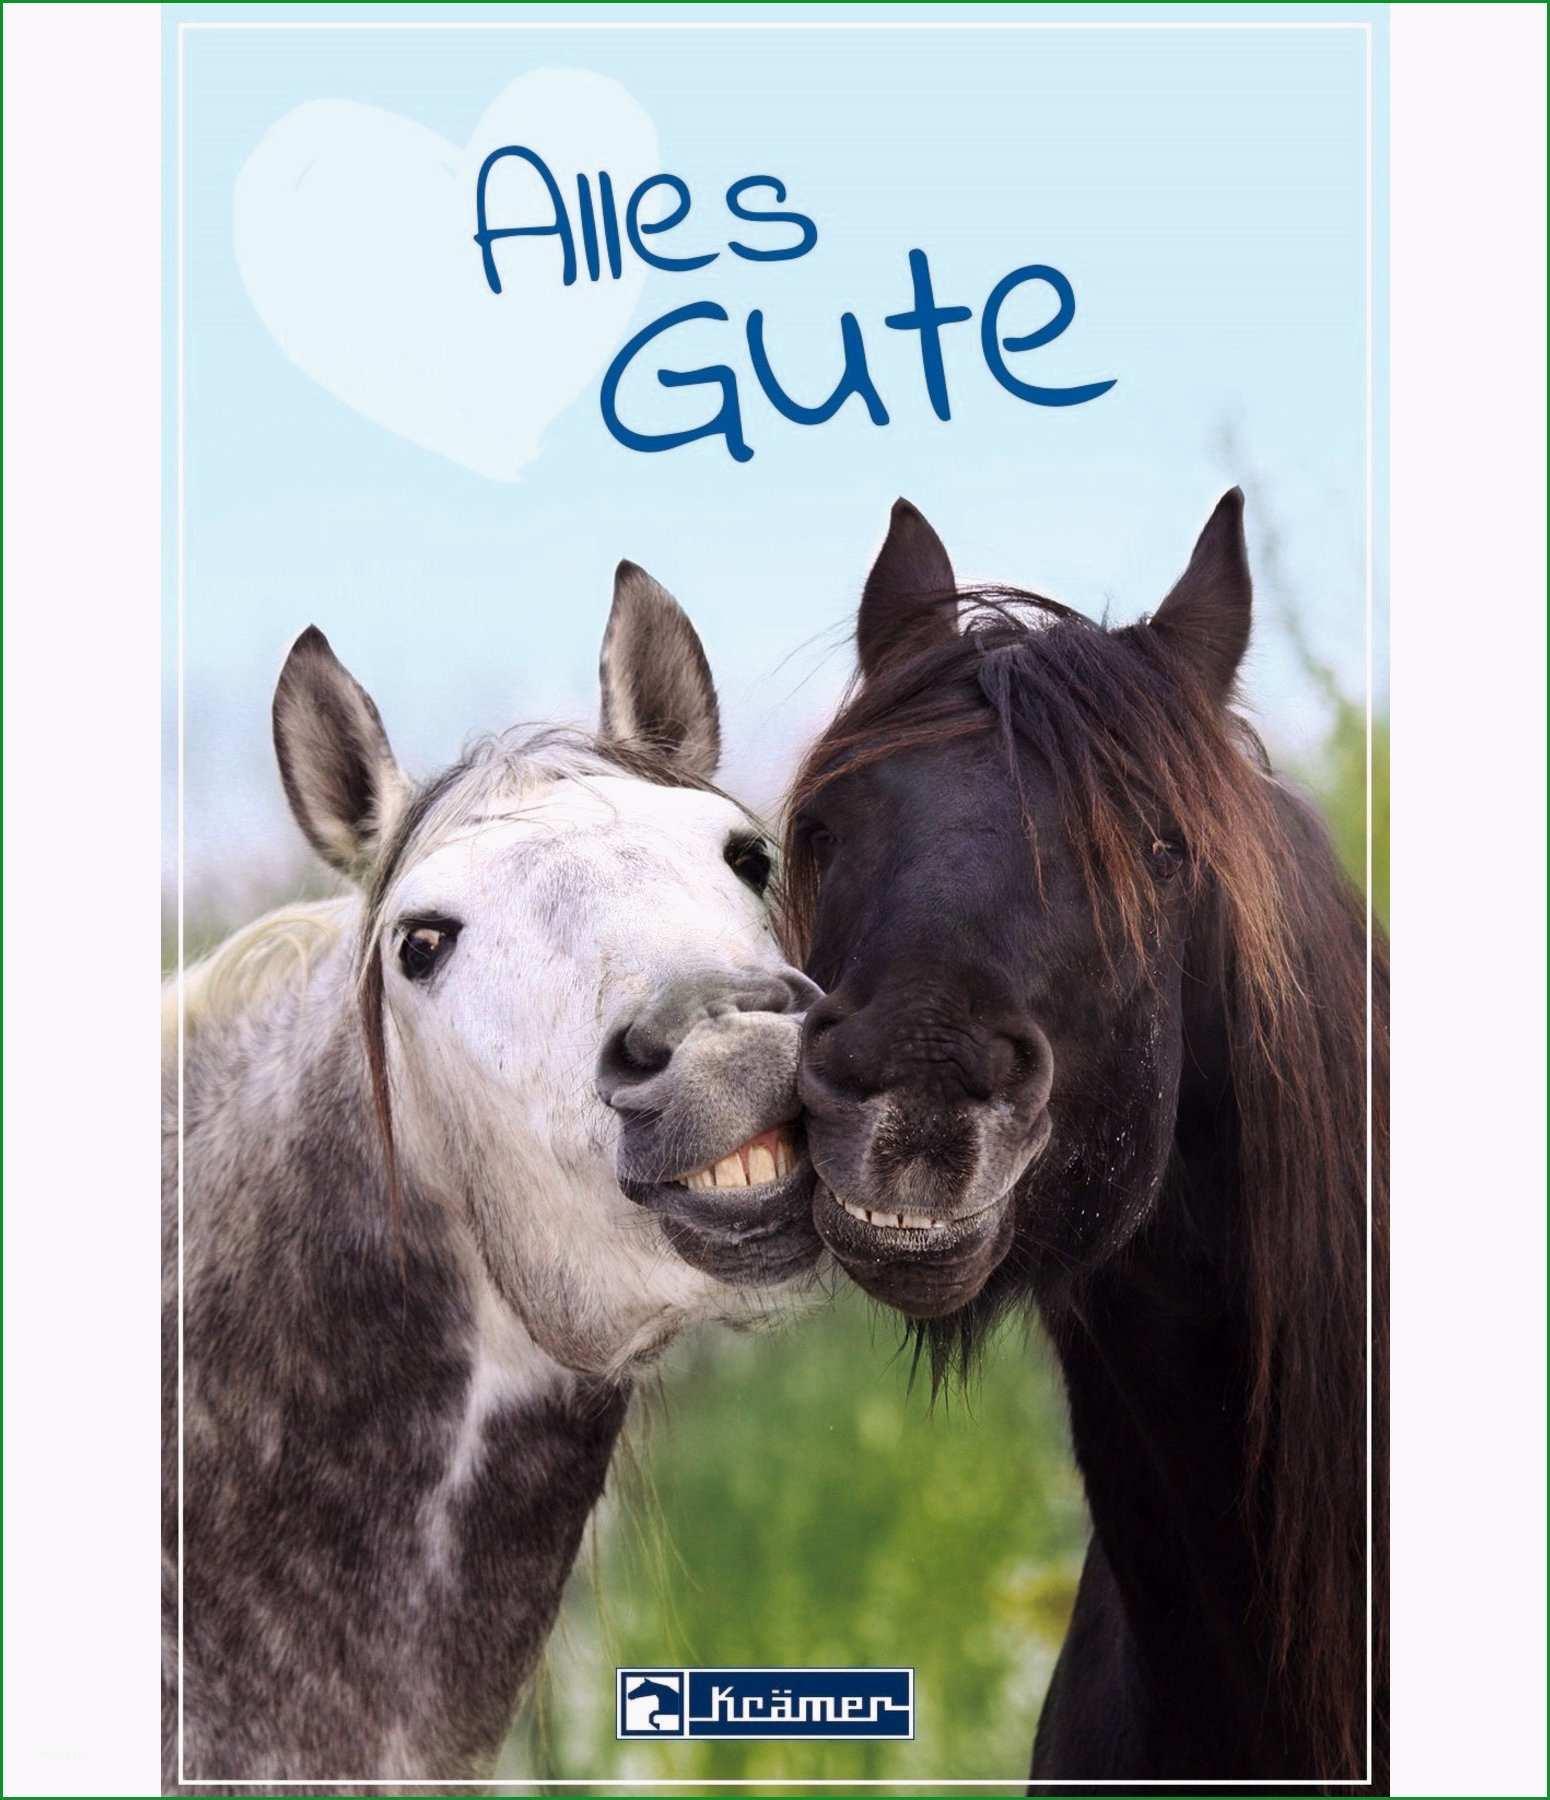 Geschenkgutschein zum Ausdrucken websale8=kraemer pferdesport&pi=GUTZA27&ci=